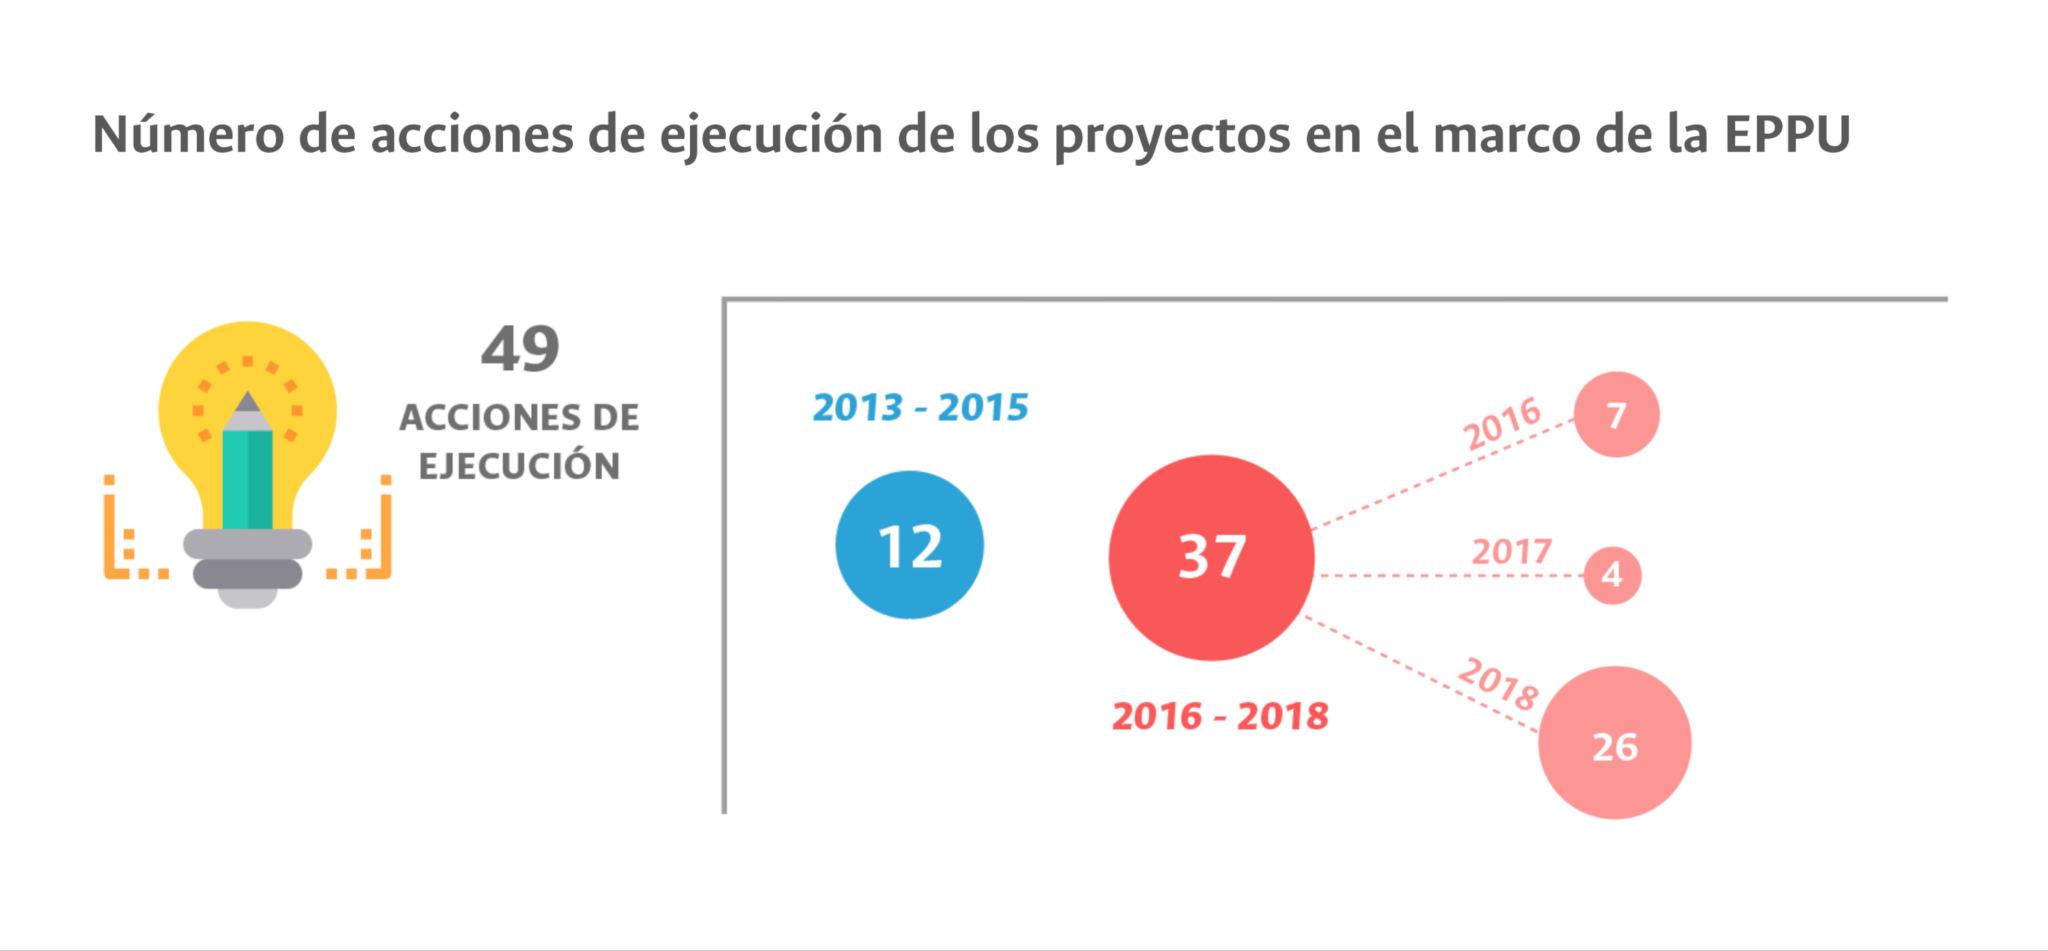 Número de acciones de ejecución de los proyectos en el marco de la EPPU